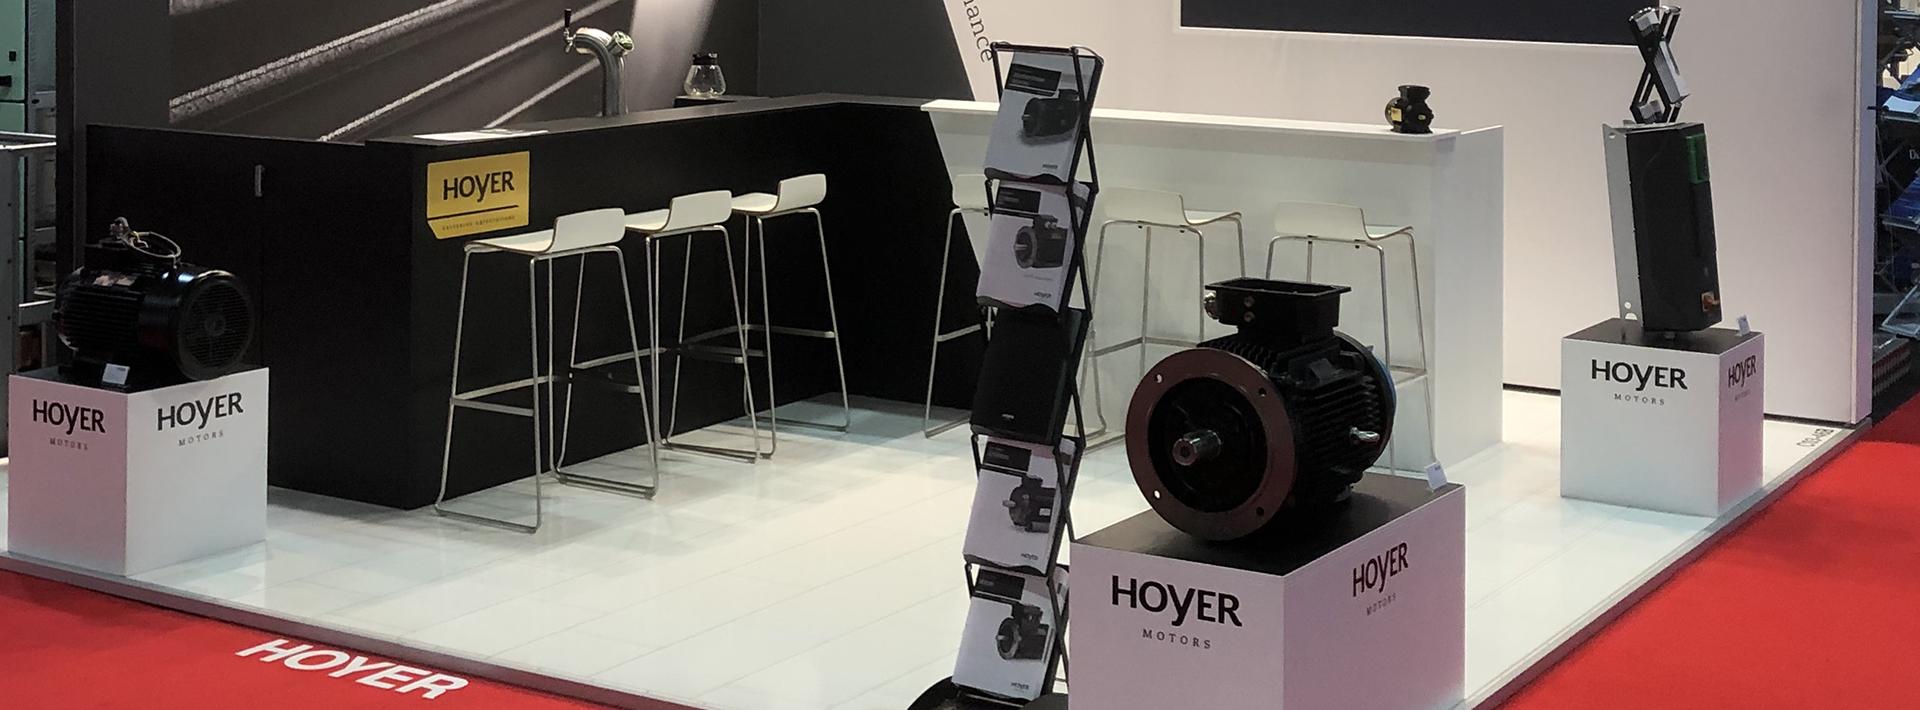 Hoyer Motors, Nordshipping 2019, Lillestrøm